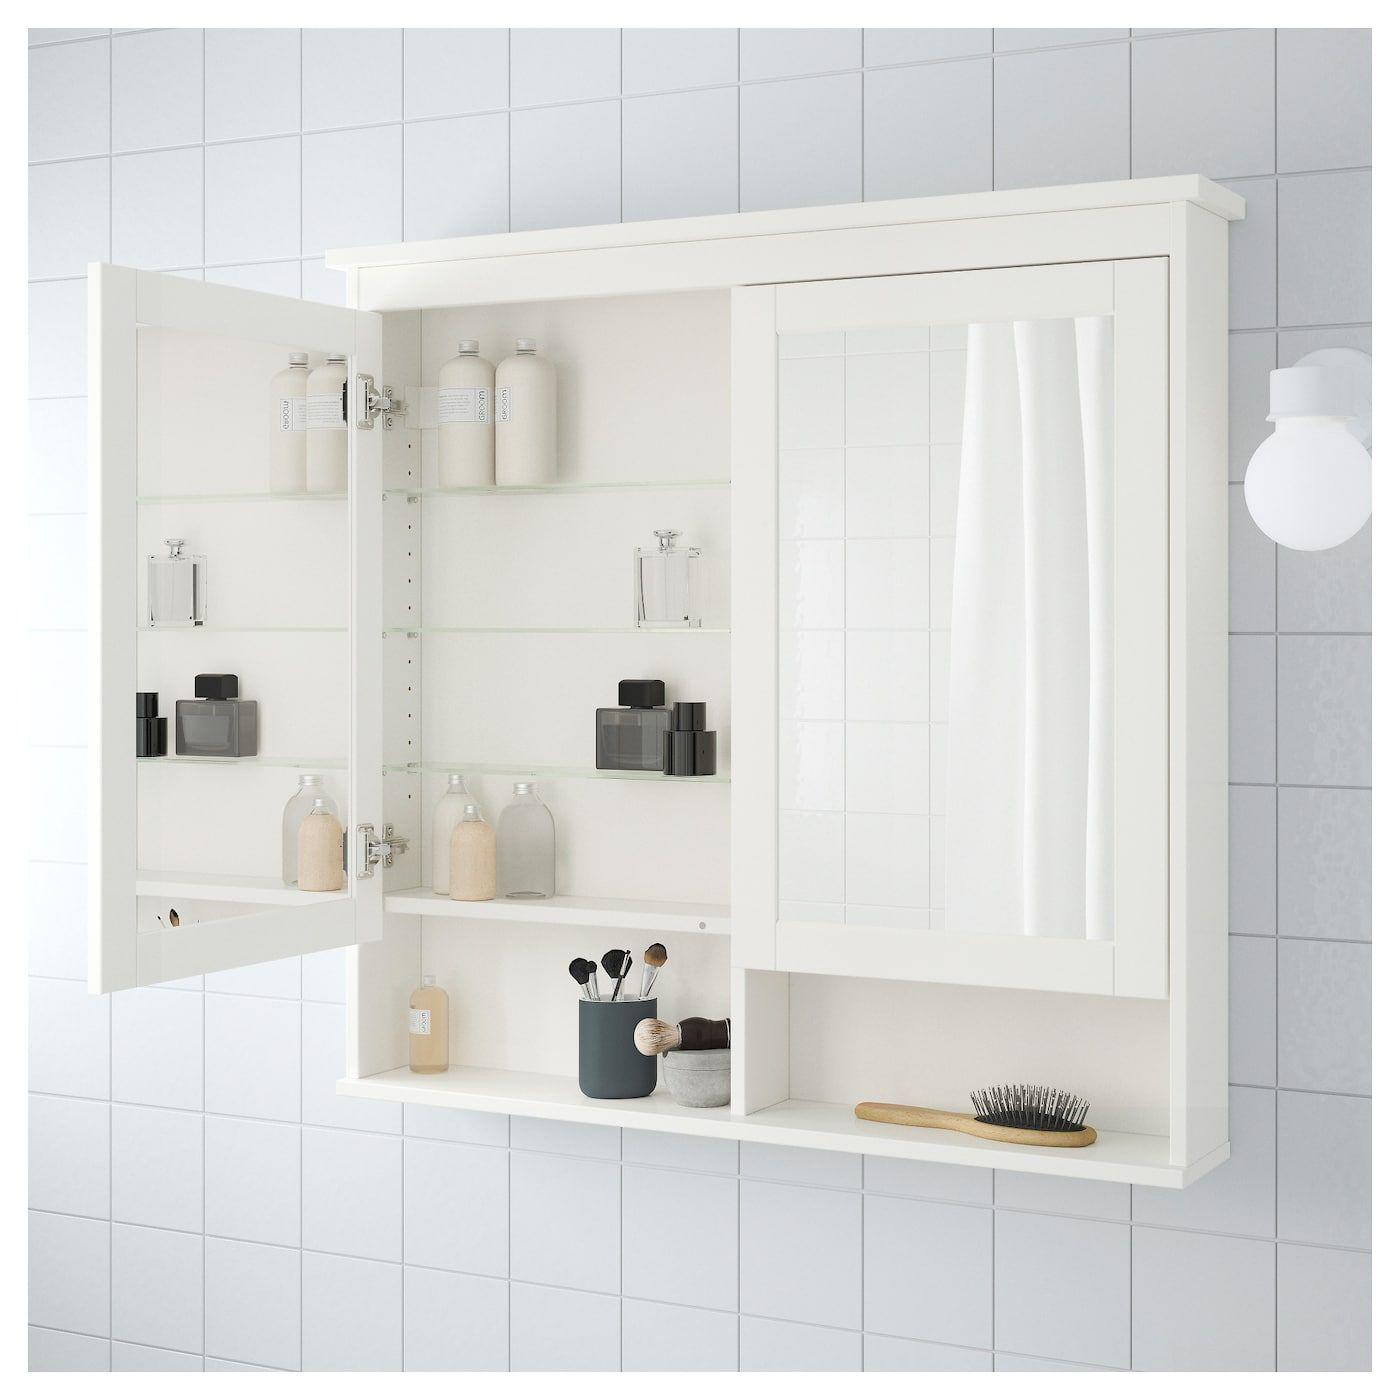 HEMNES Spiegelschrank 2 Türen weiß IKEA Deutschland